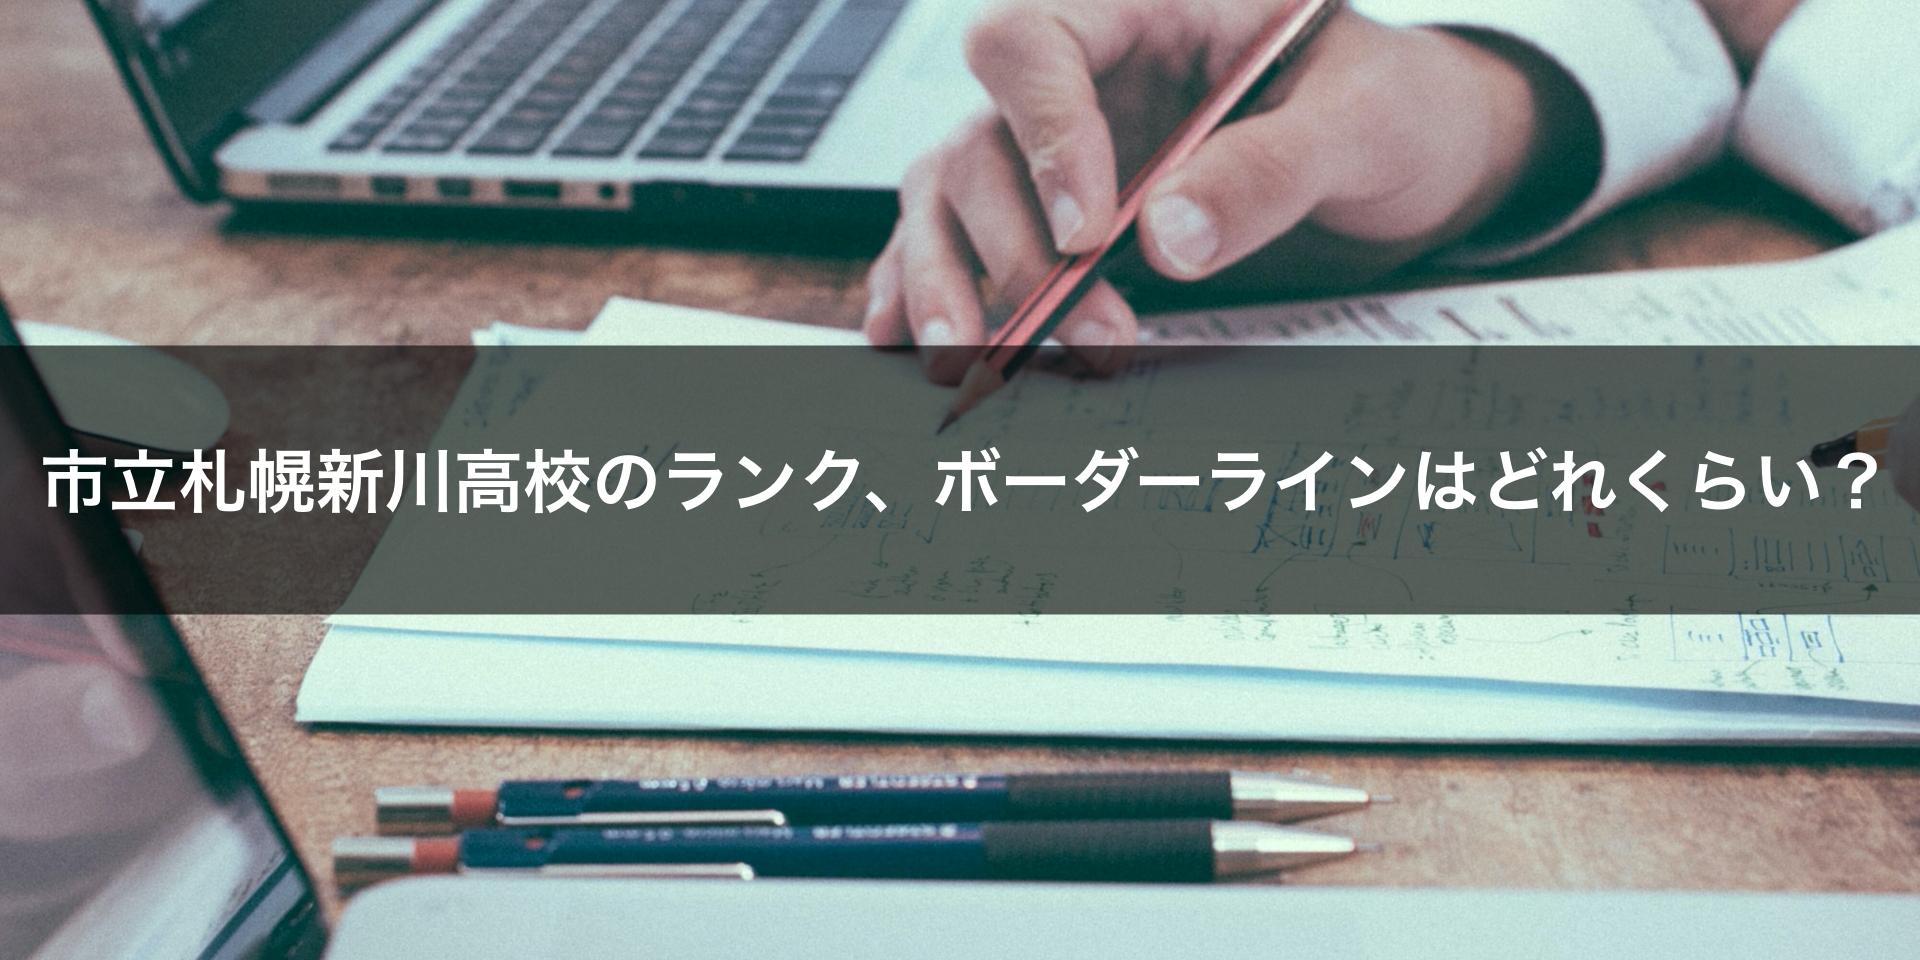 市立札幌新川高校のランク、ボーダーラインはどれくらい?